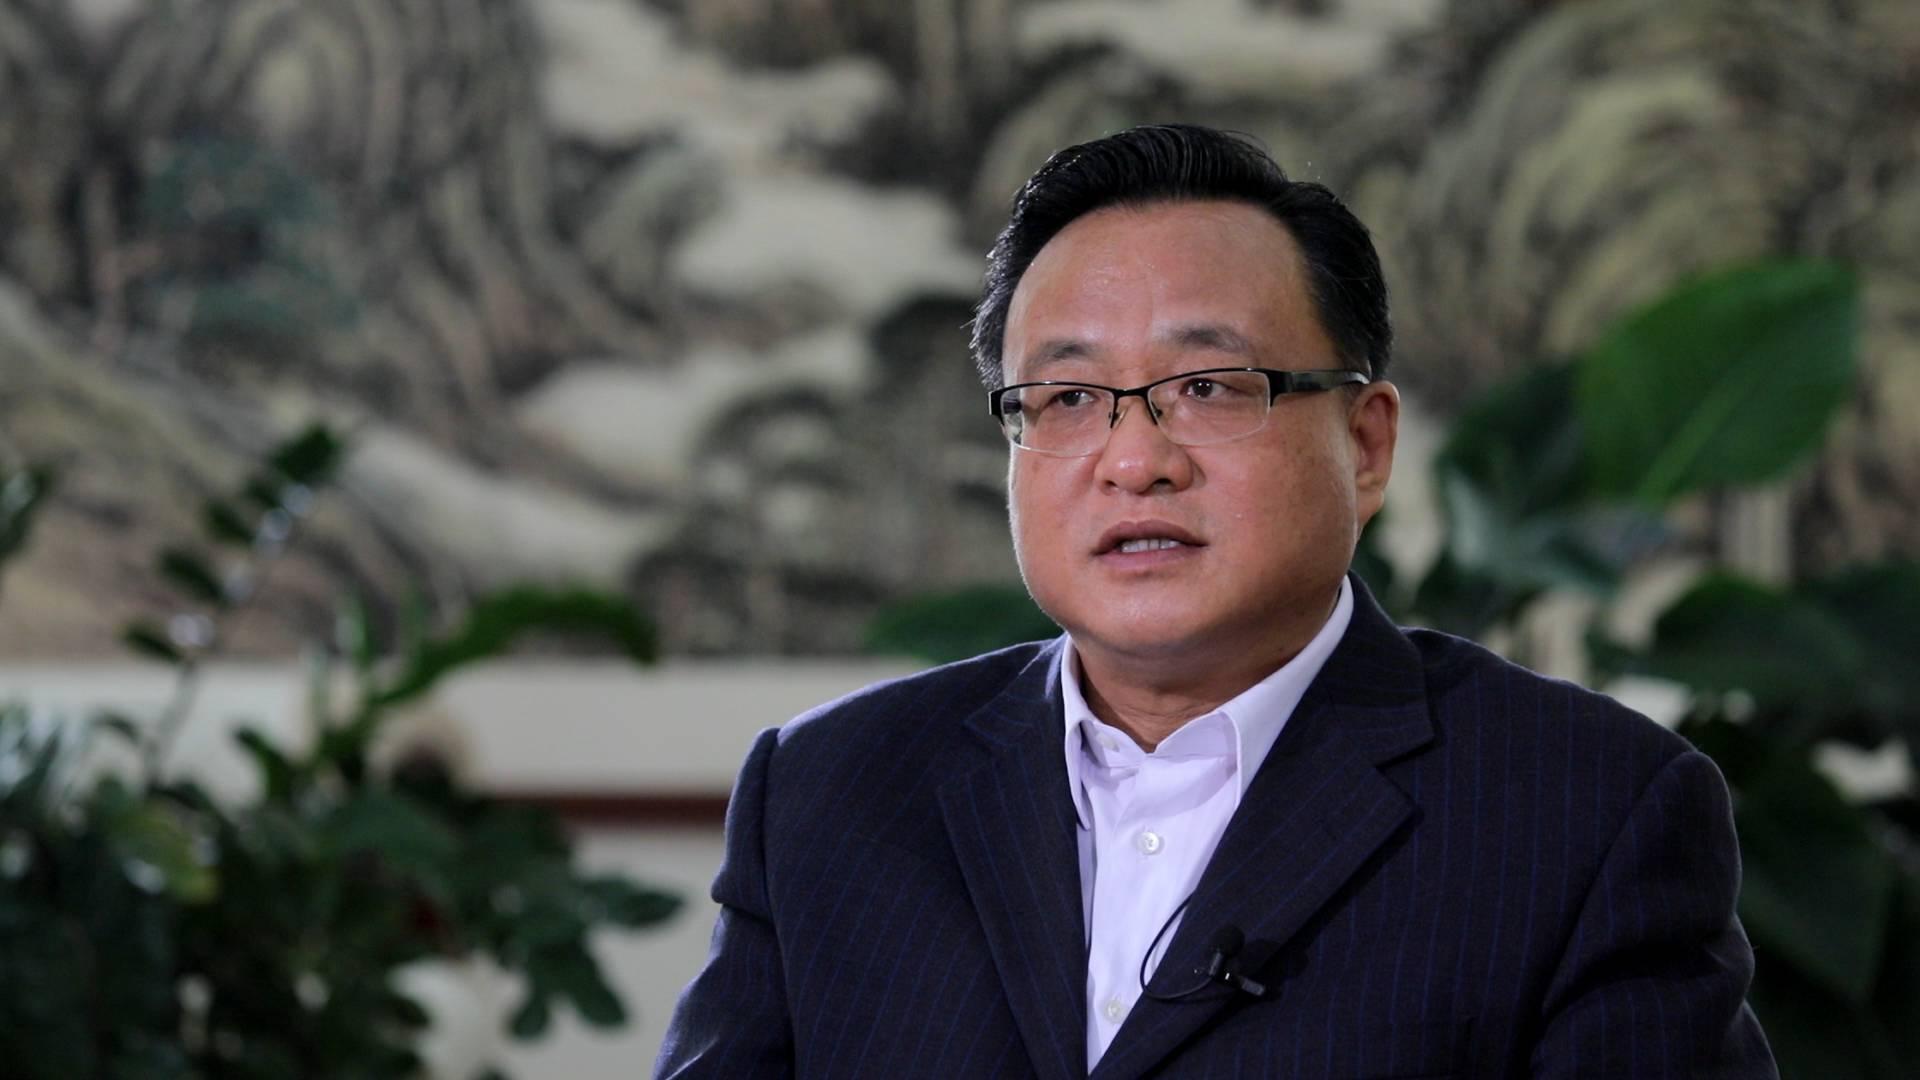 书记市长访谈 | 孙述涛:做强省会,加快城市从体量优势向质量优势转变